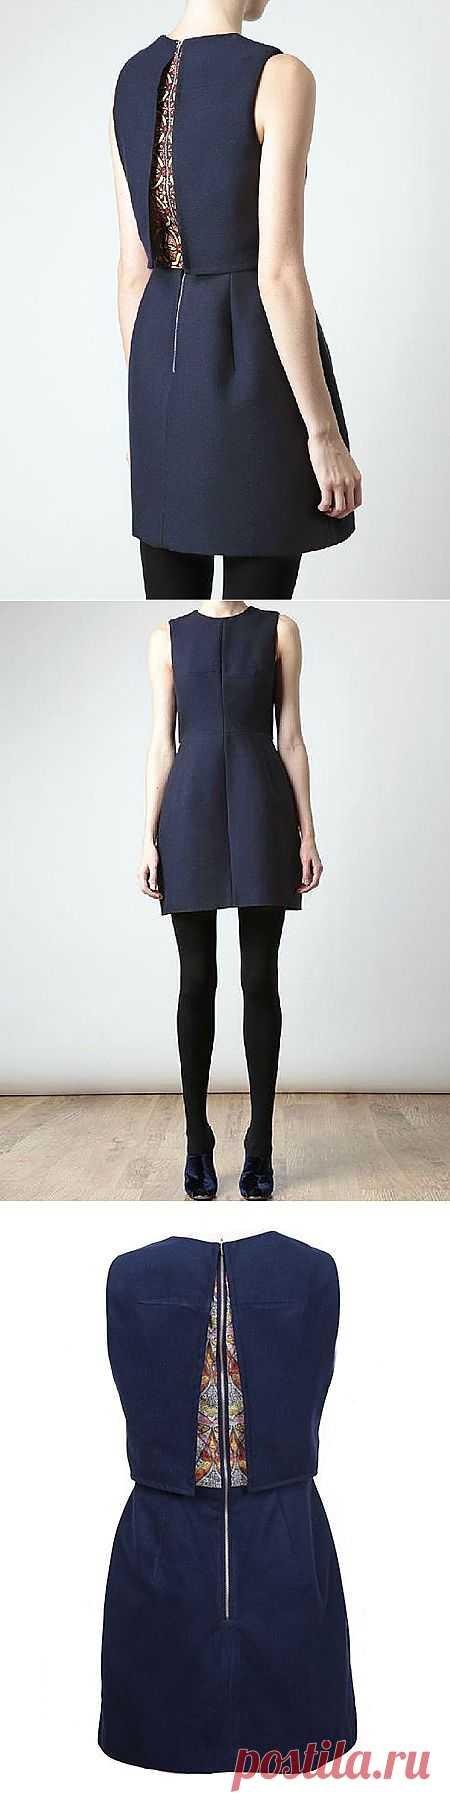 Внезапно / Декор спины / Модный сайт о стильной переделке одежды и интерьера